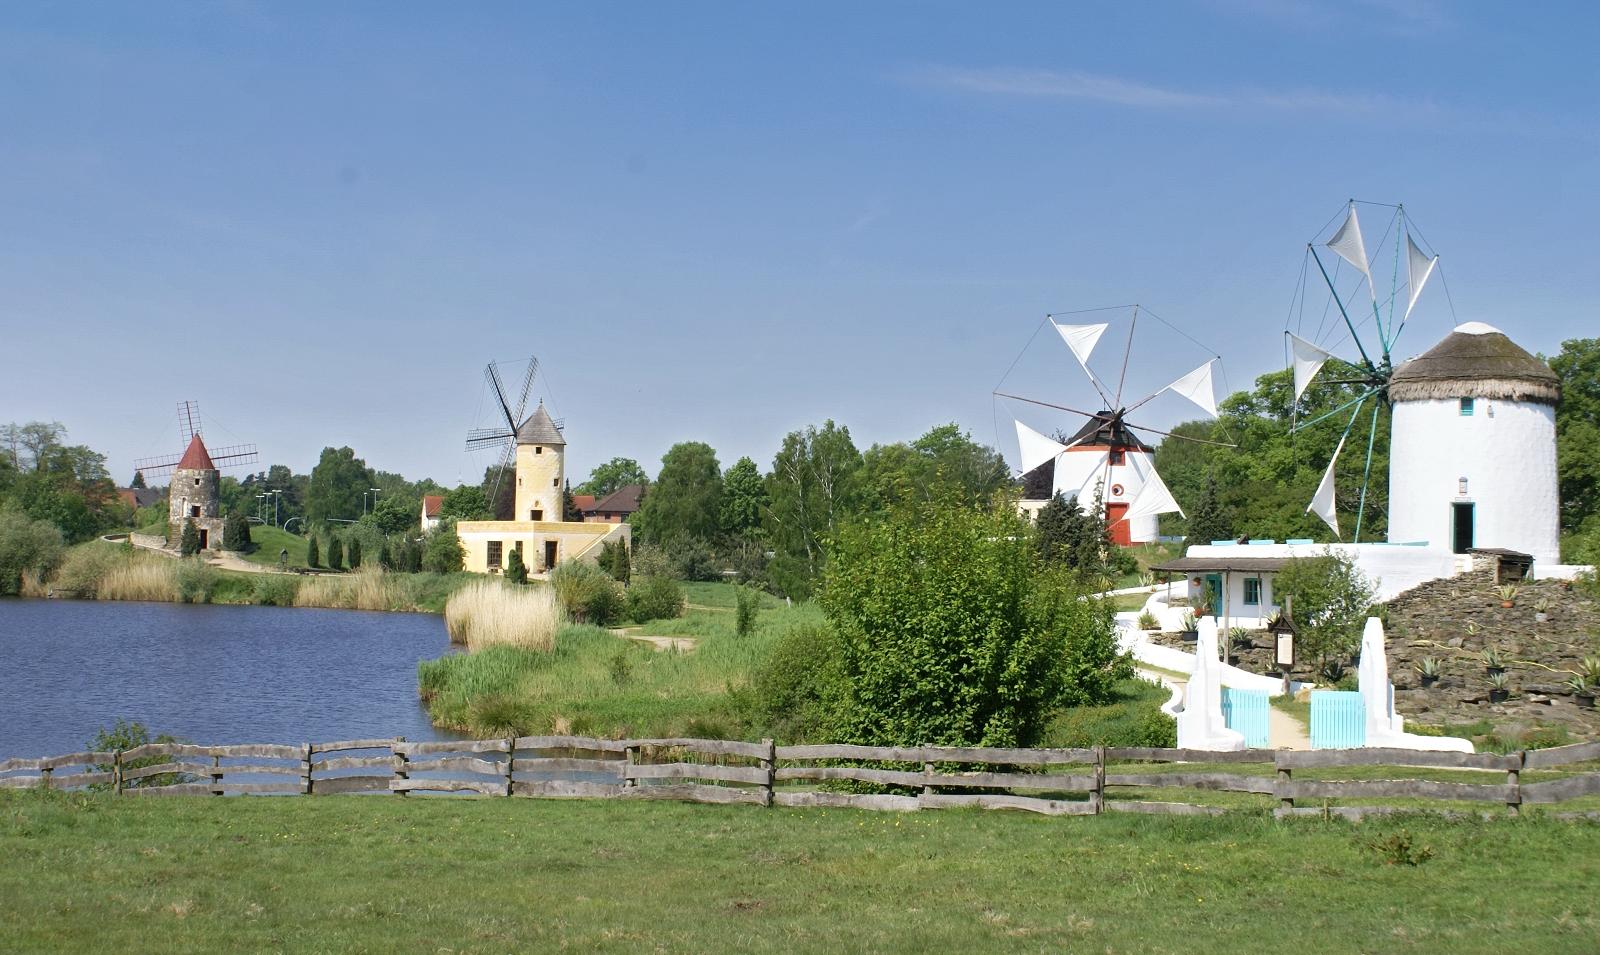 Mühlen im Park